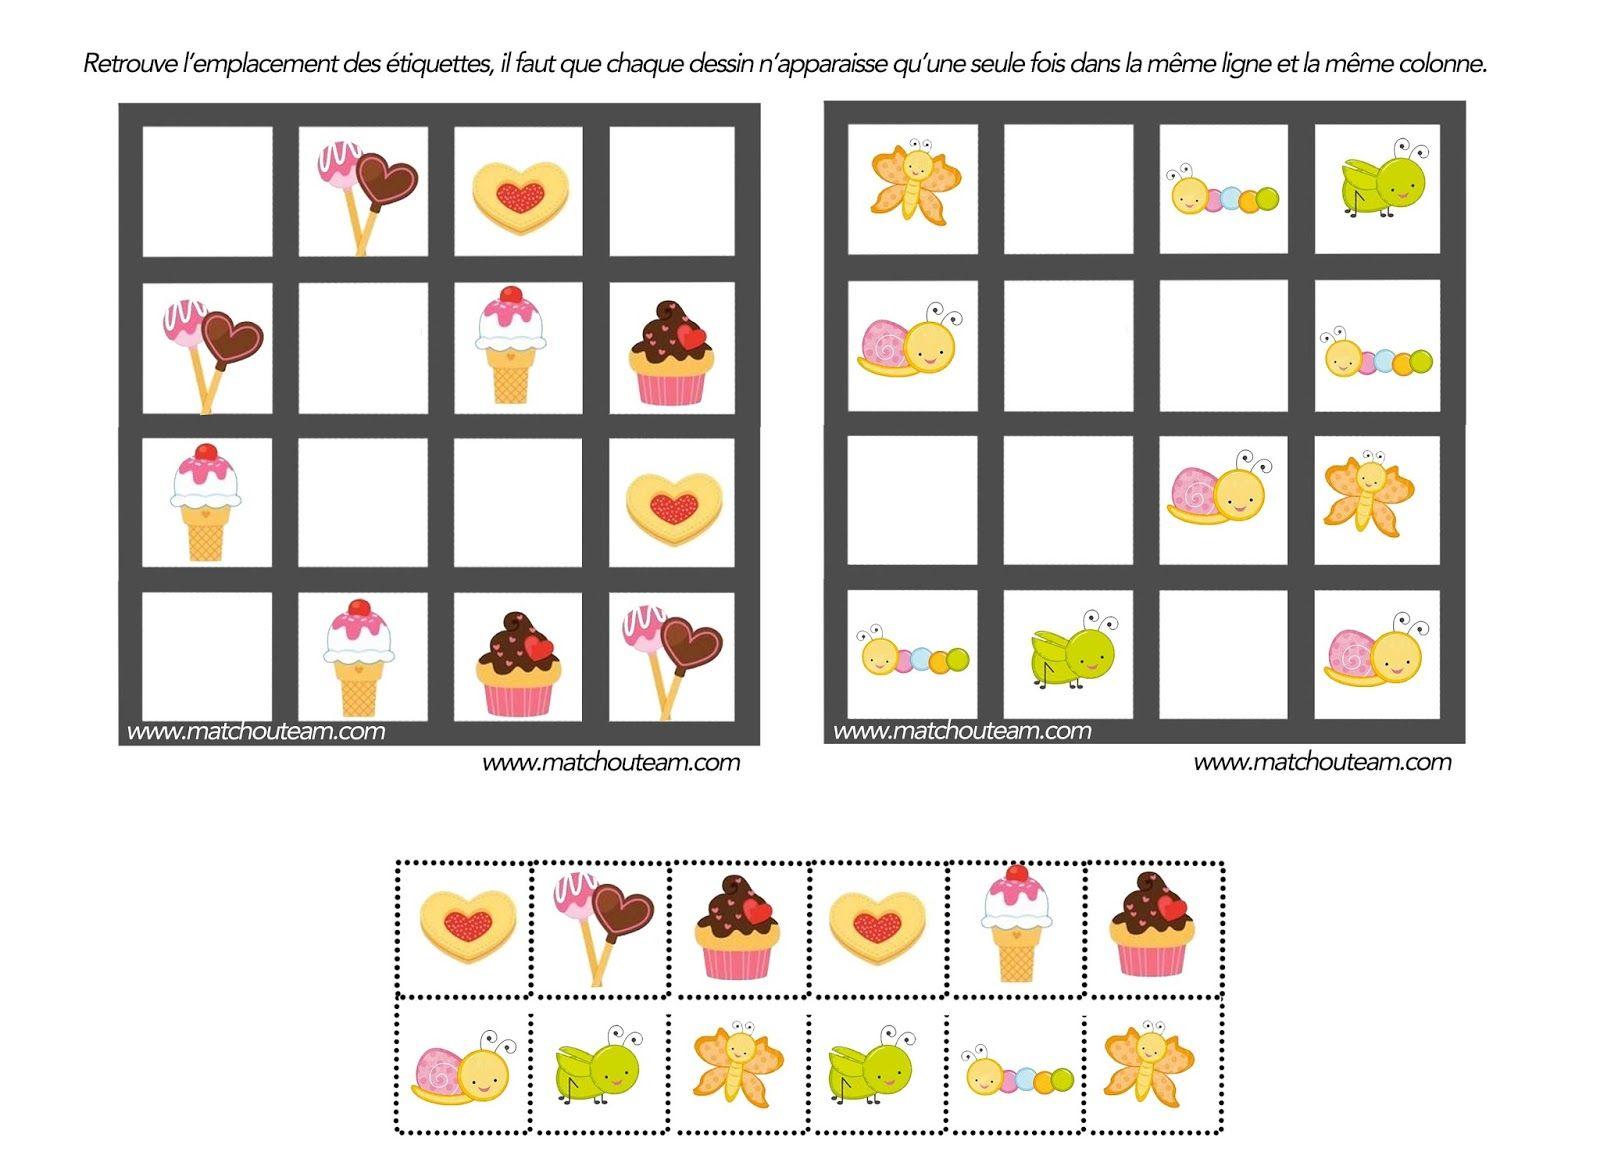 Jeu Pour Esprit Logique   Jeux De Logique, Jeux De Reflexion à Grille Sudoku Gratuite À Imprimer